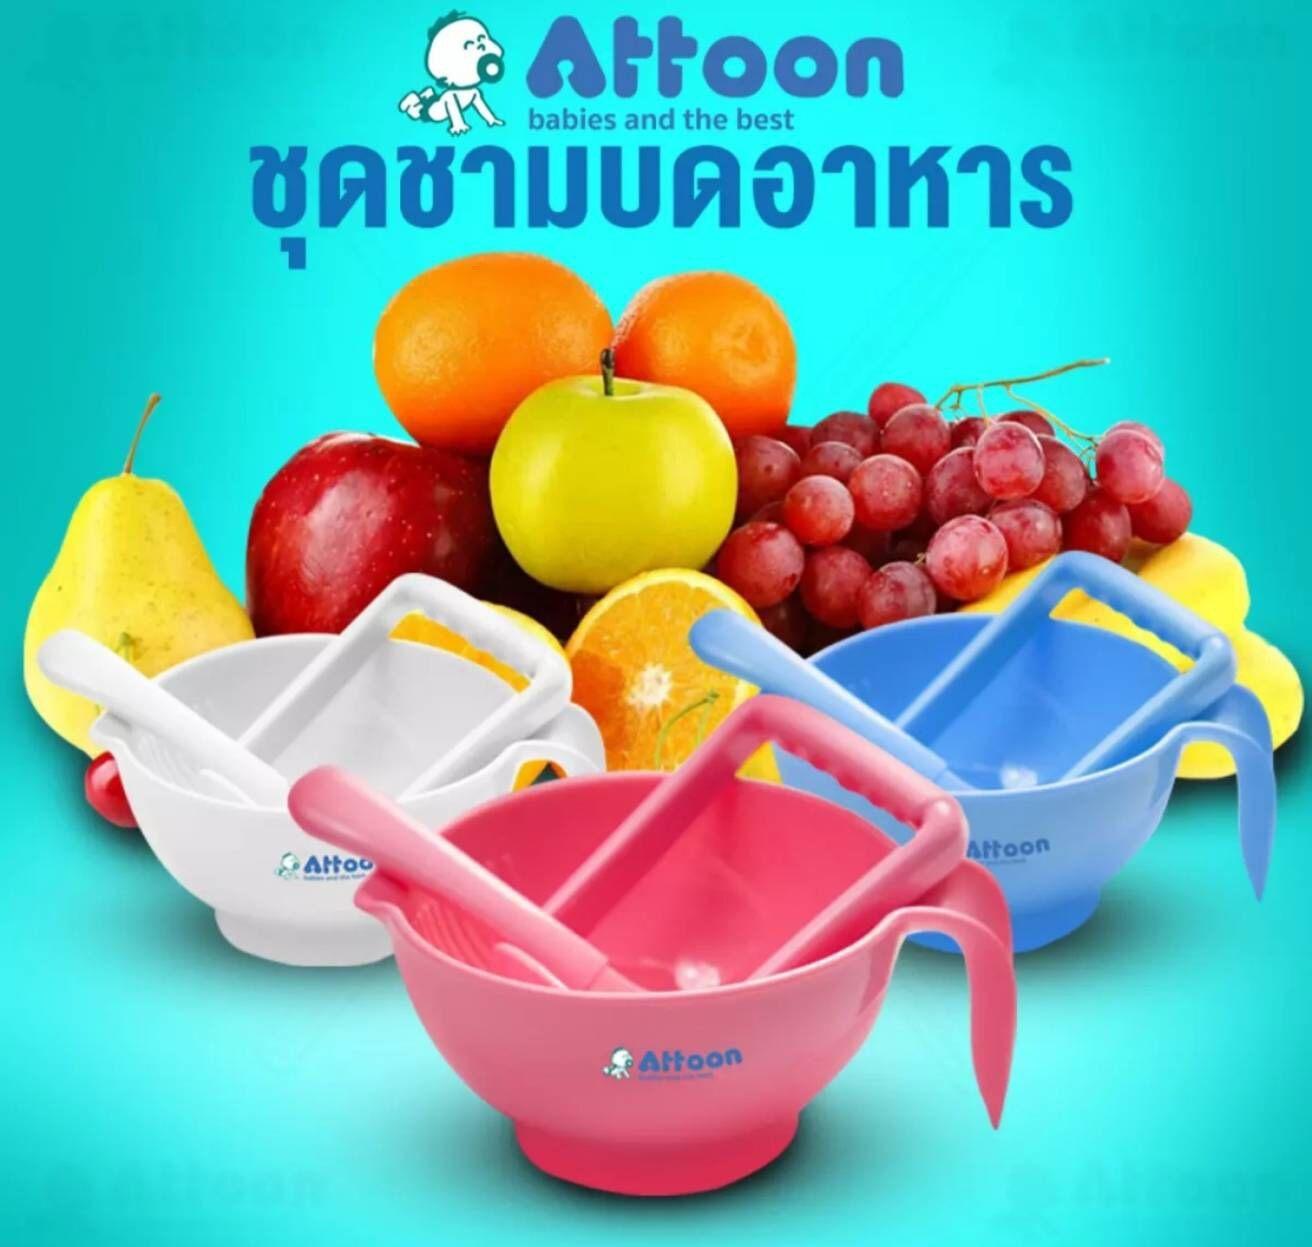 (มีคูปองส่งฟรี) Attoon ชามบดอาหารเด็ก แอทตูน ถ้วยบดอาหาร ชุดชามบดอาหาร มีมอก. ชุดเตรียมอาหารเด็ก ชามใส่อาหารเด็ก มี3สีให้เลือก.